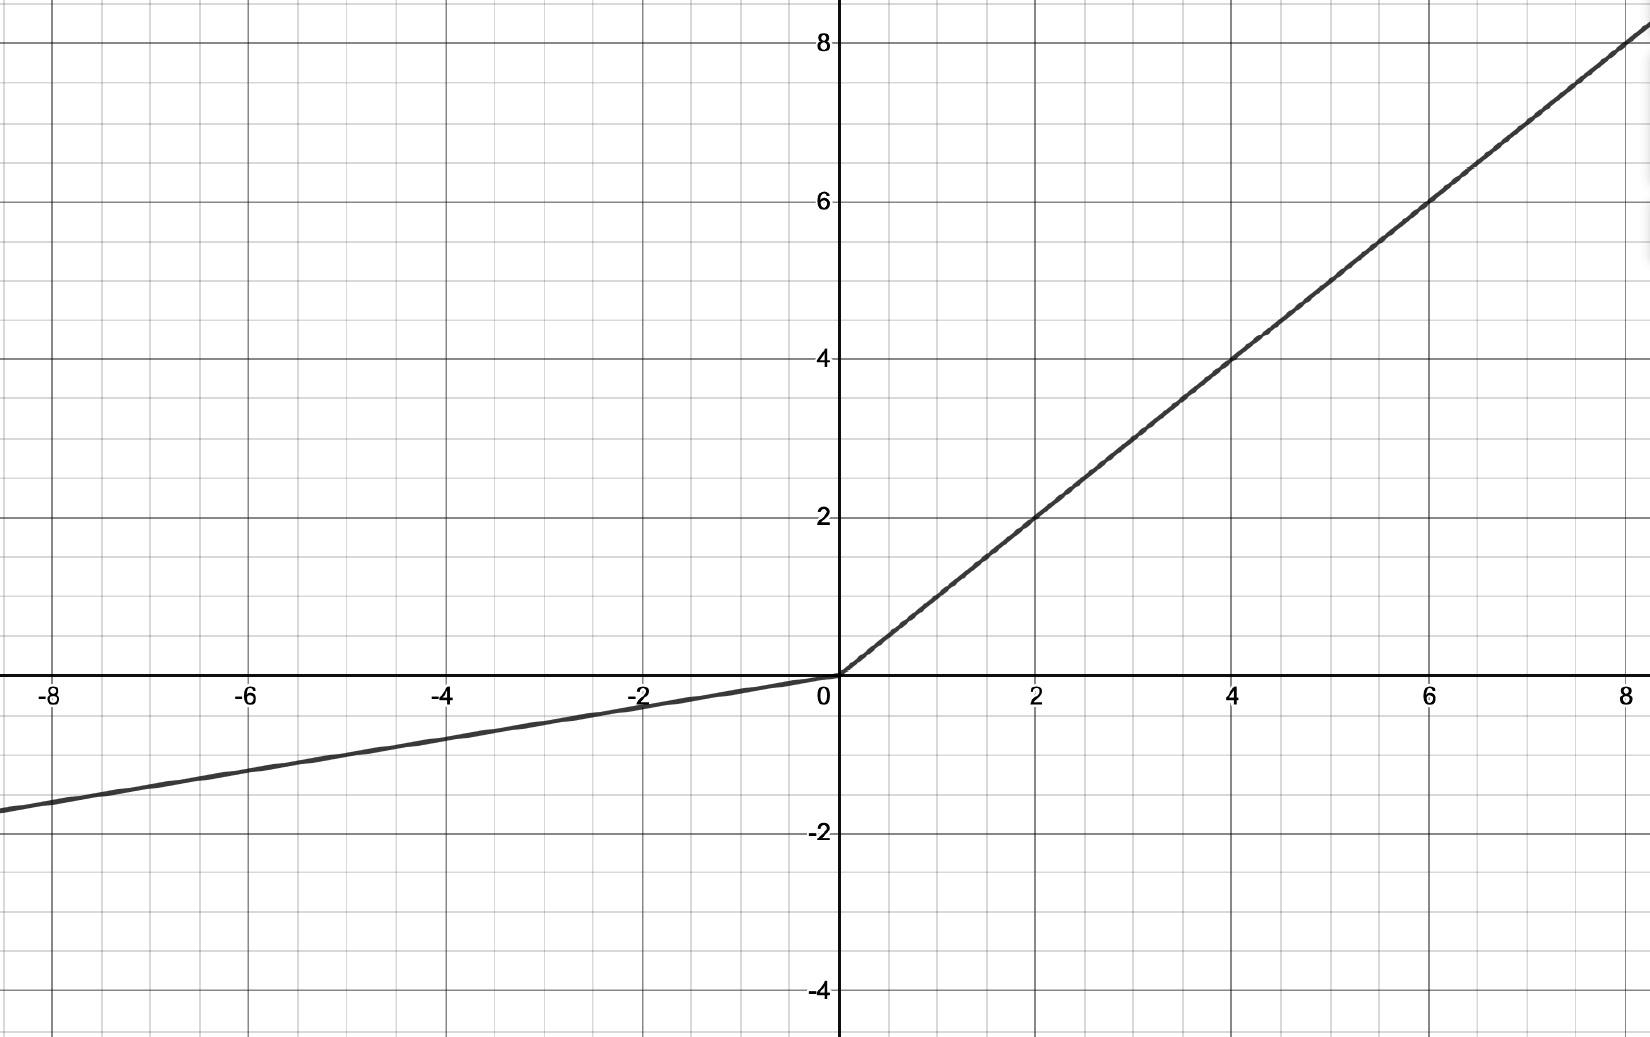 Figure 1.13 – Leaky ReLU function